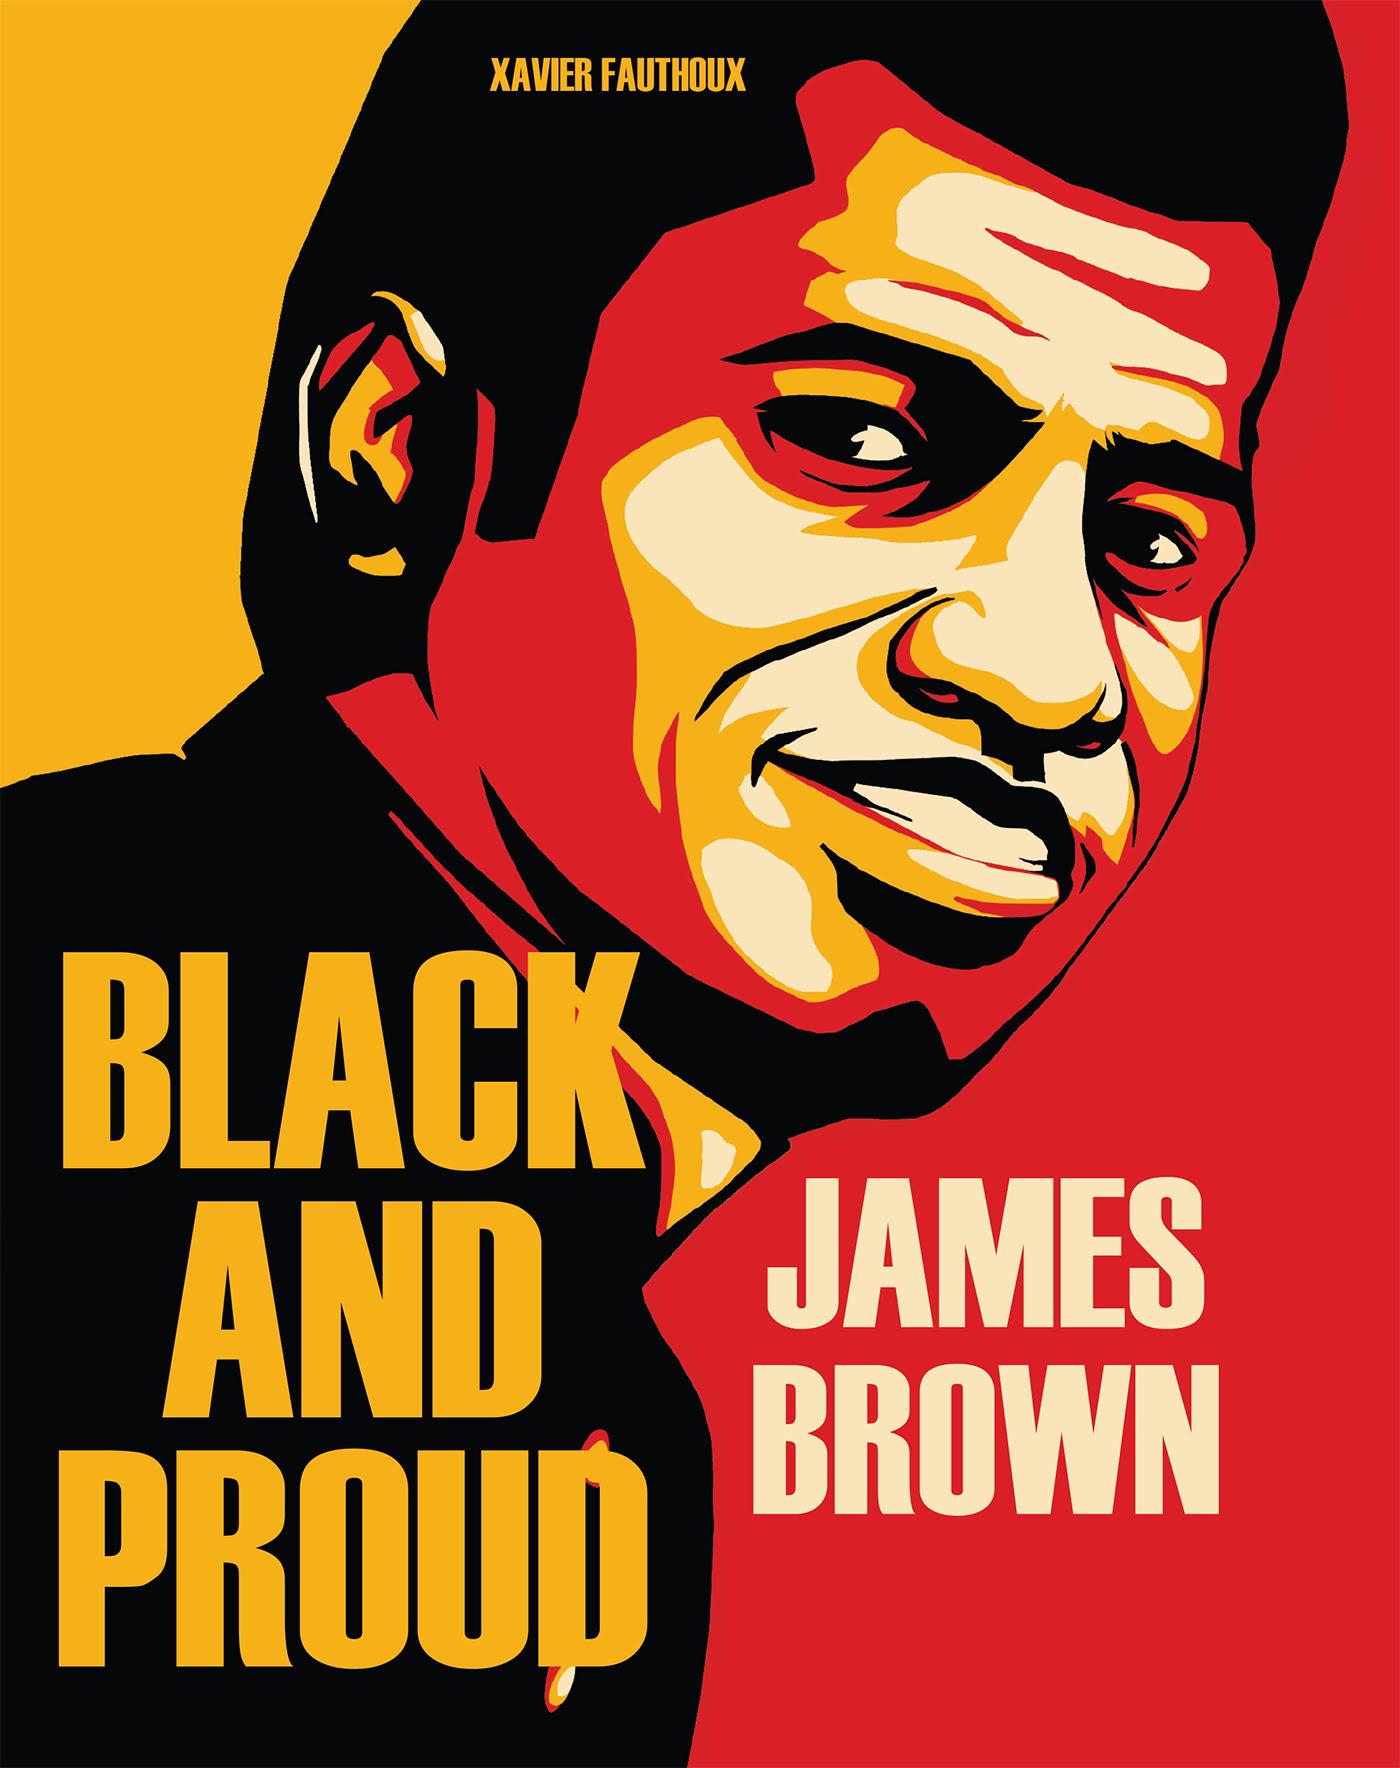 James Brown - Black and Proud.jpg